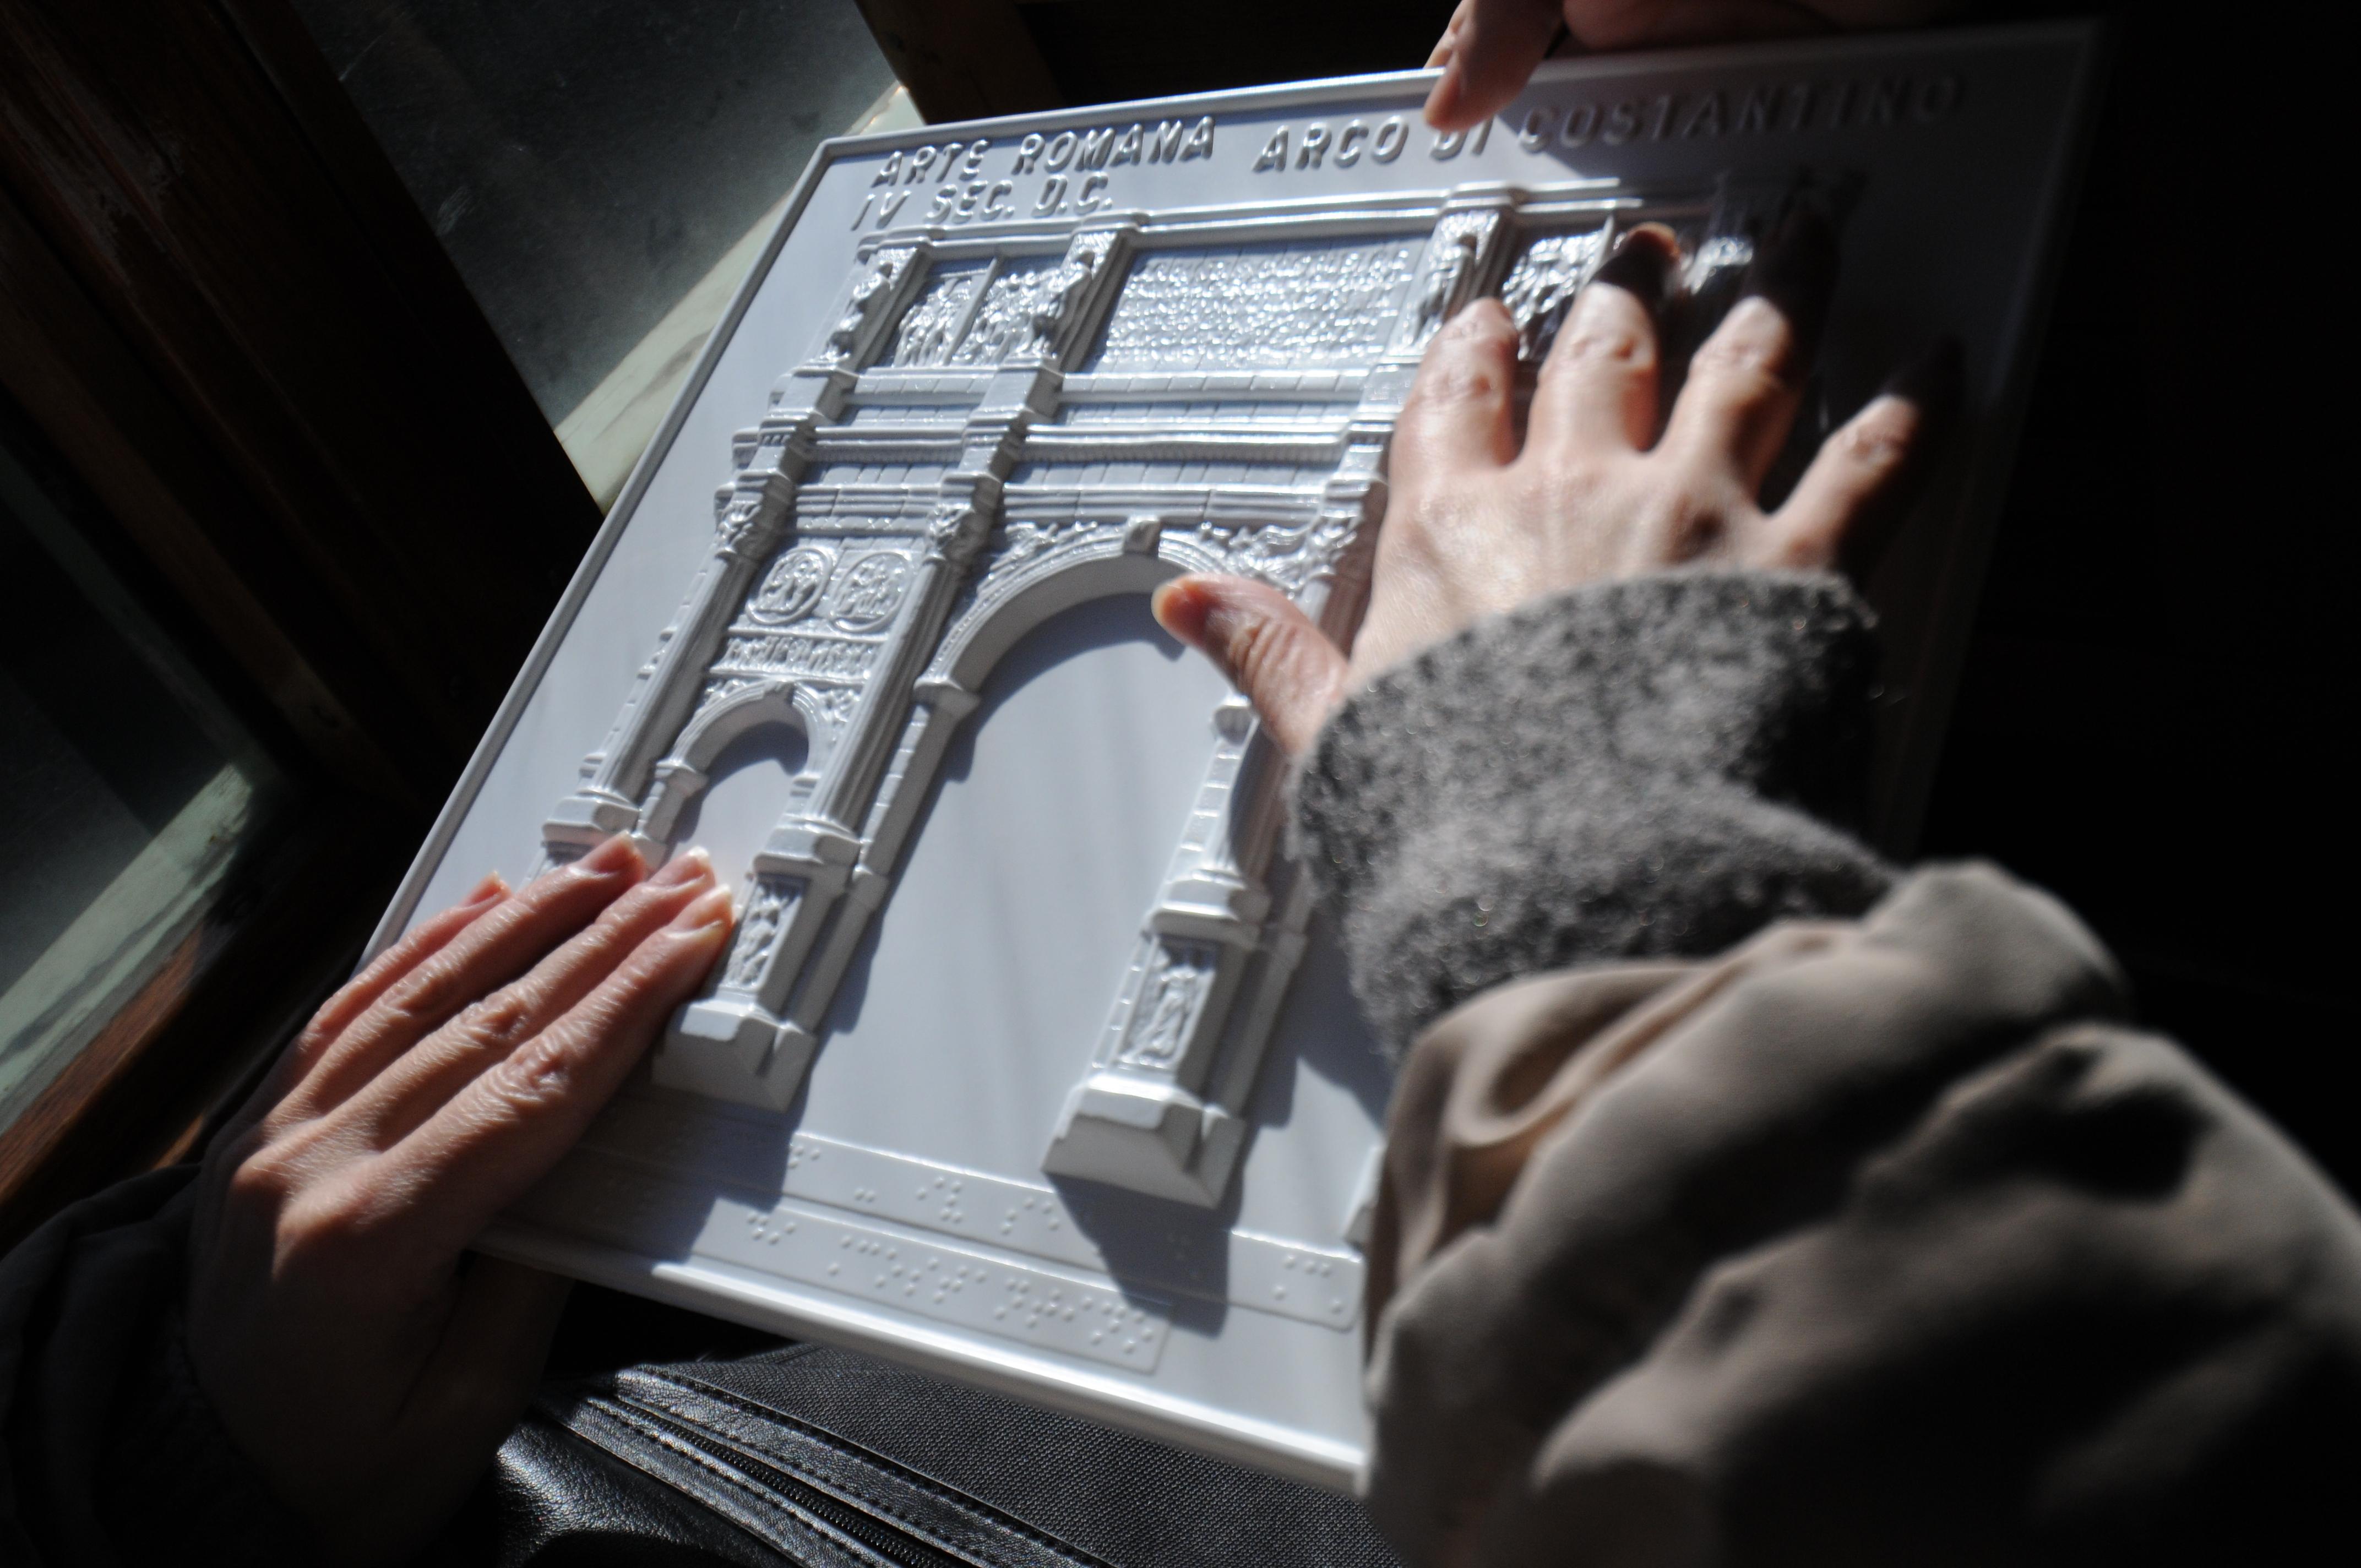 twee handen voelen aan een driedimensionale weergave van een architectonisch gebouw. Een Arque the triomphe boog